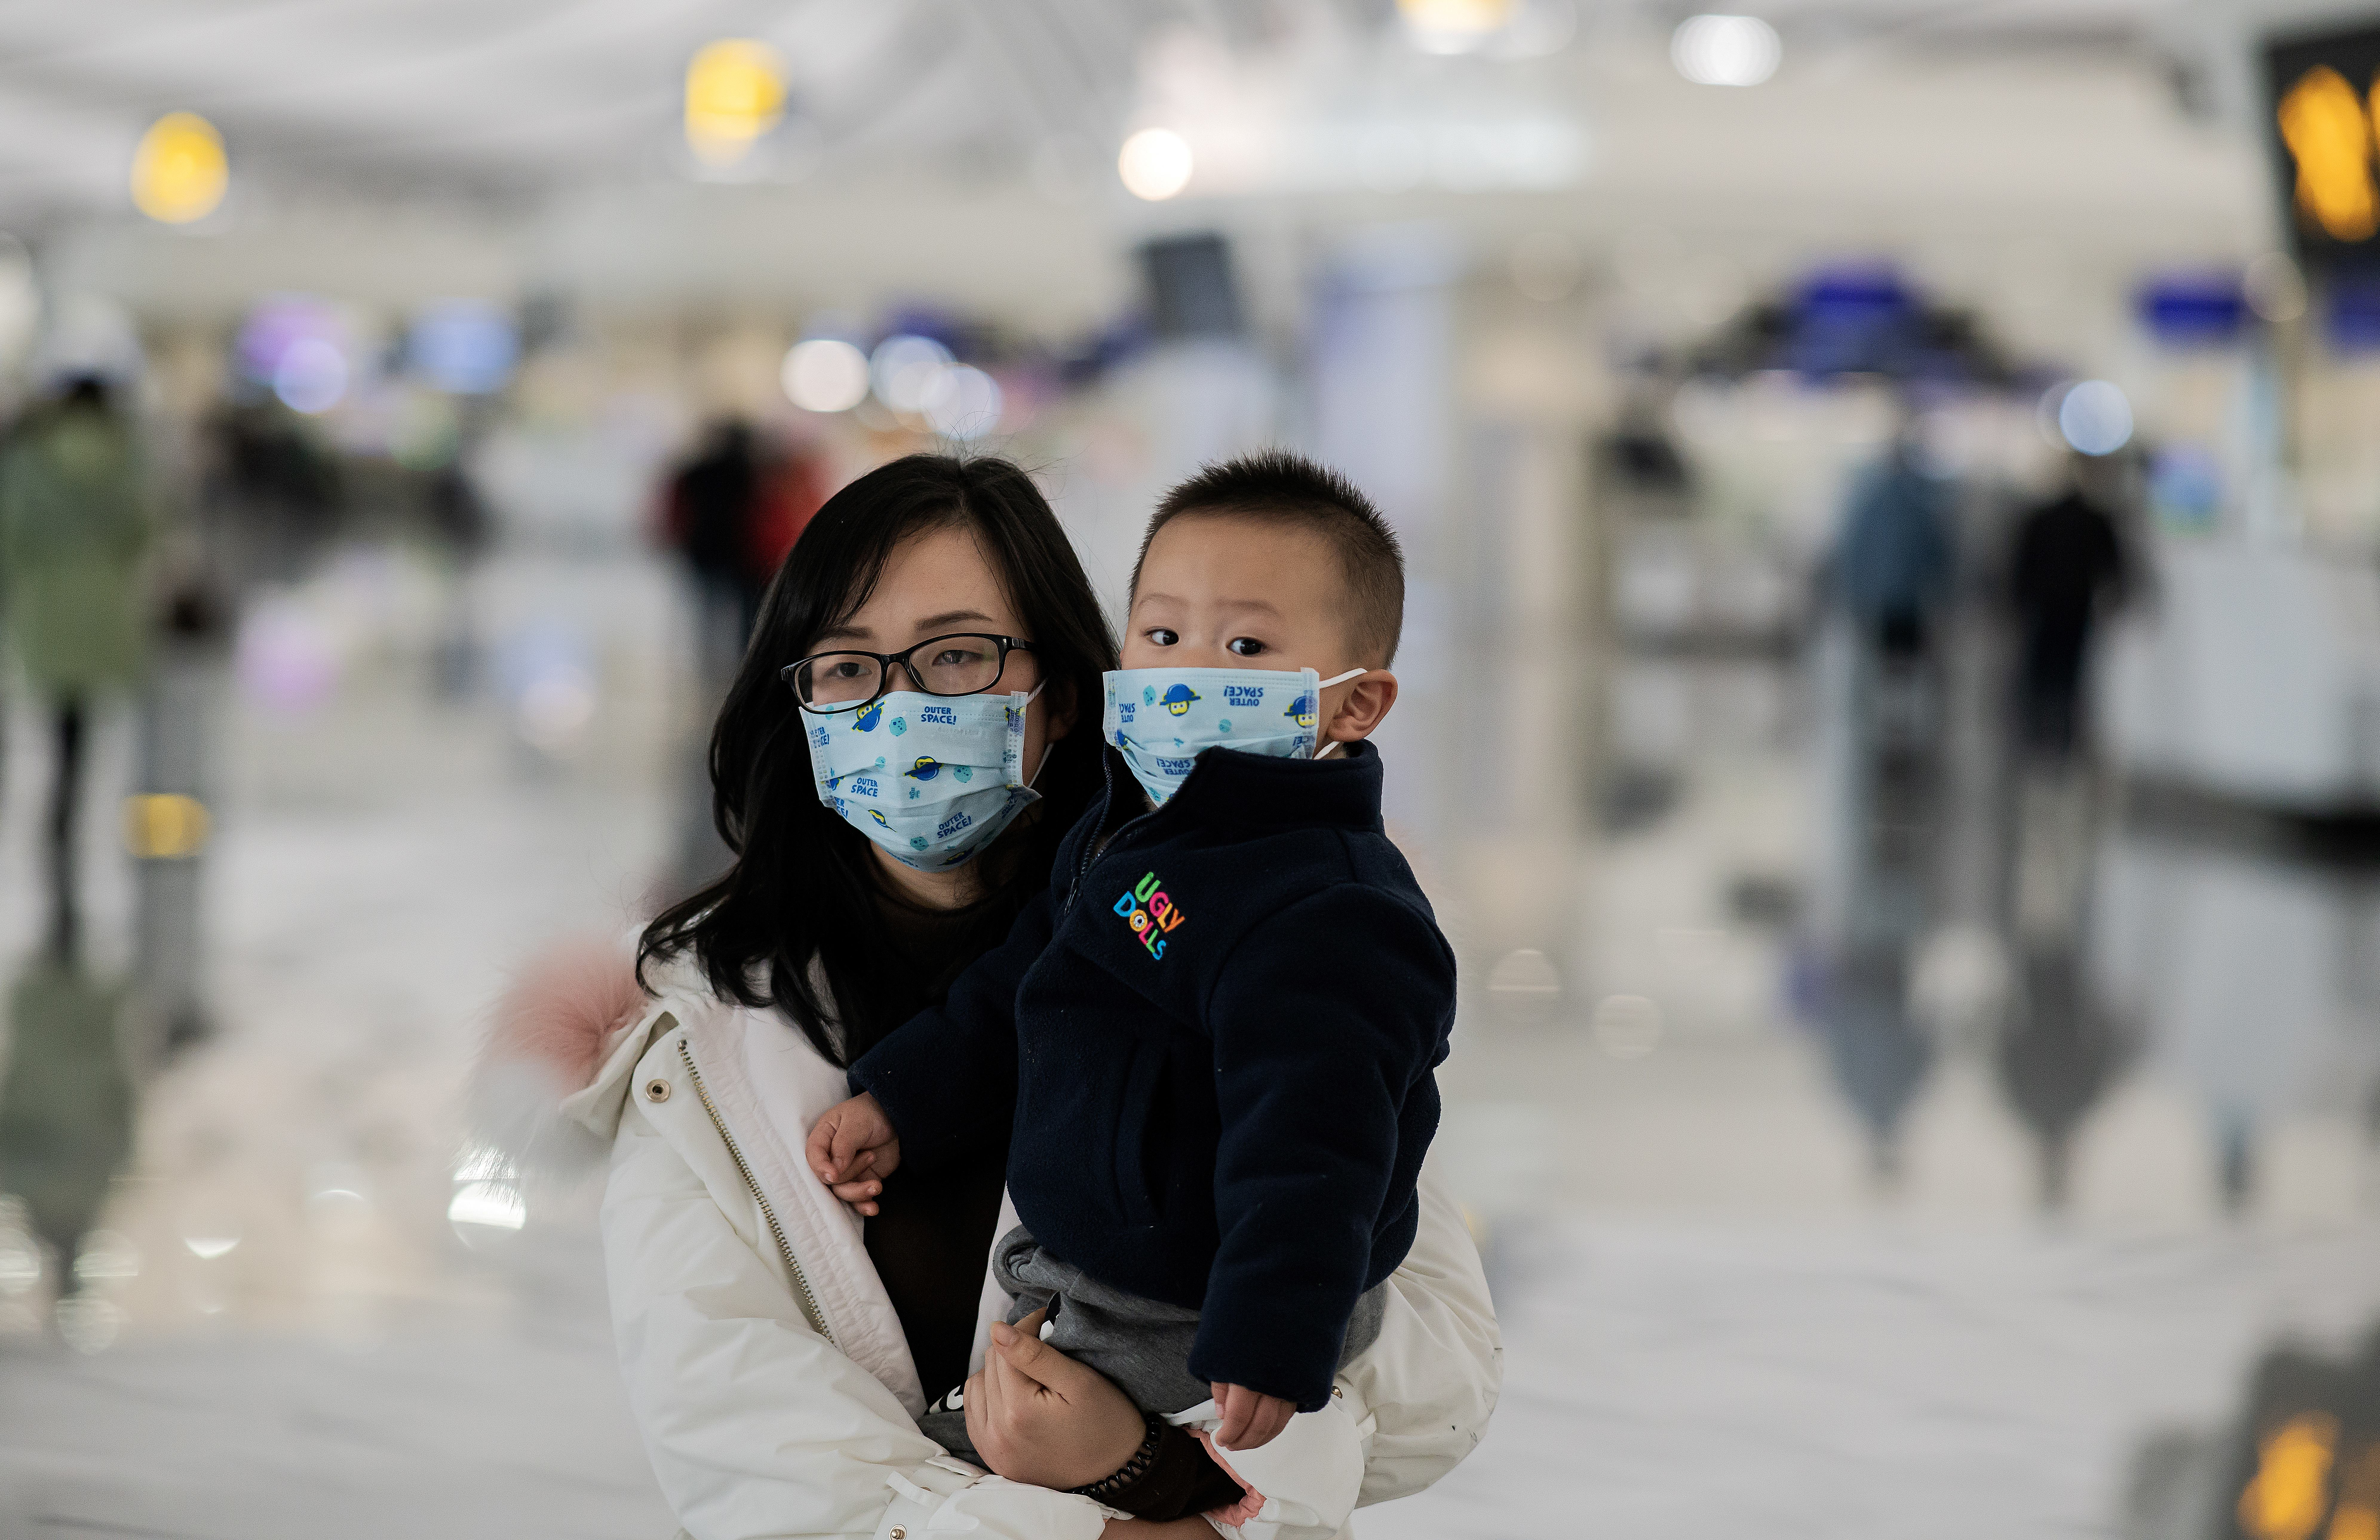 Peking figyelmeztette a kínai kádereket, hogy senki ne próbálja meg eltussolni az újfajta vírus fertőzéseit